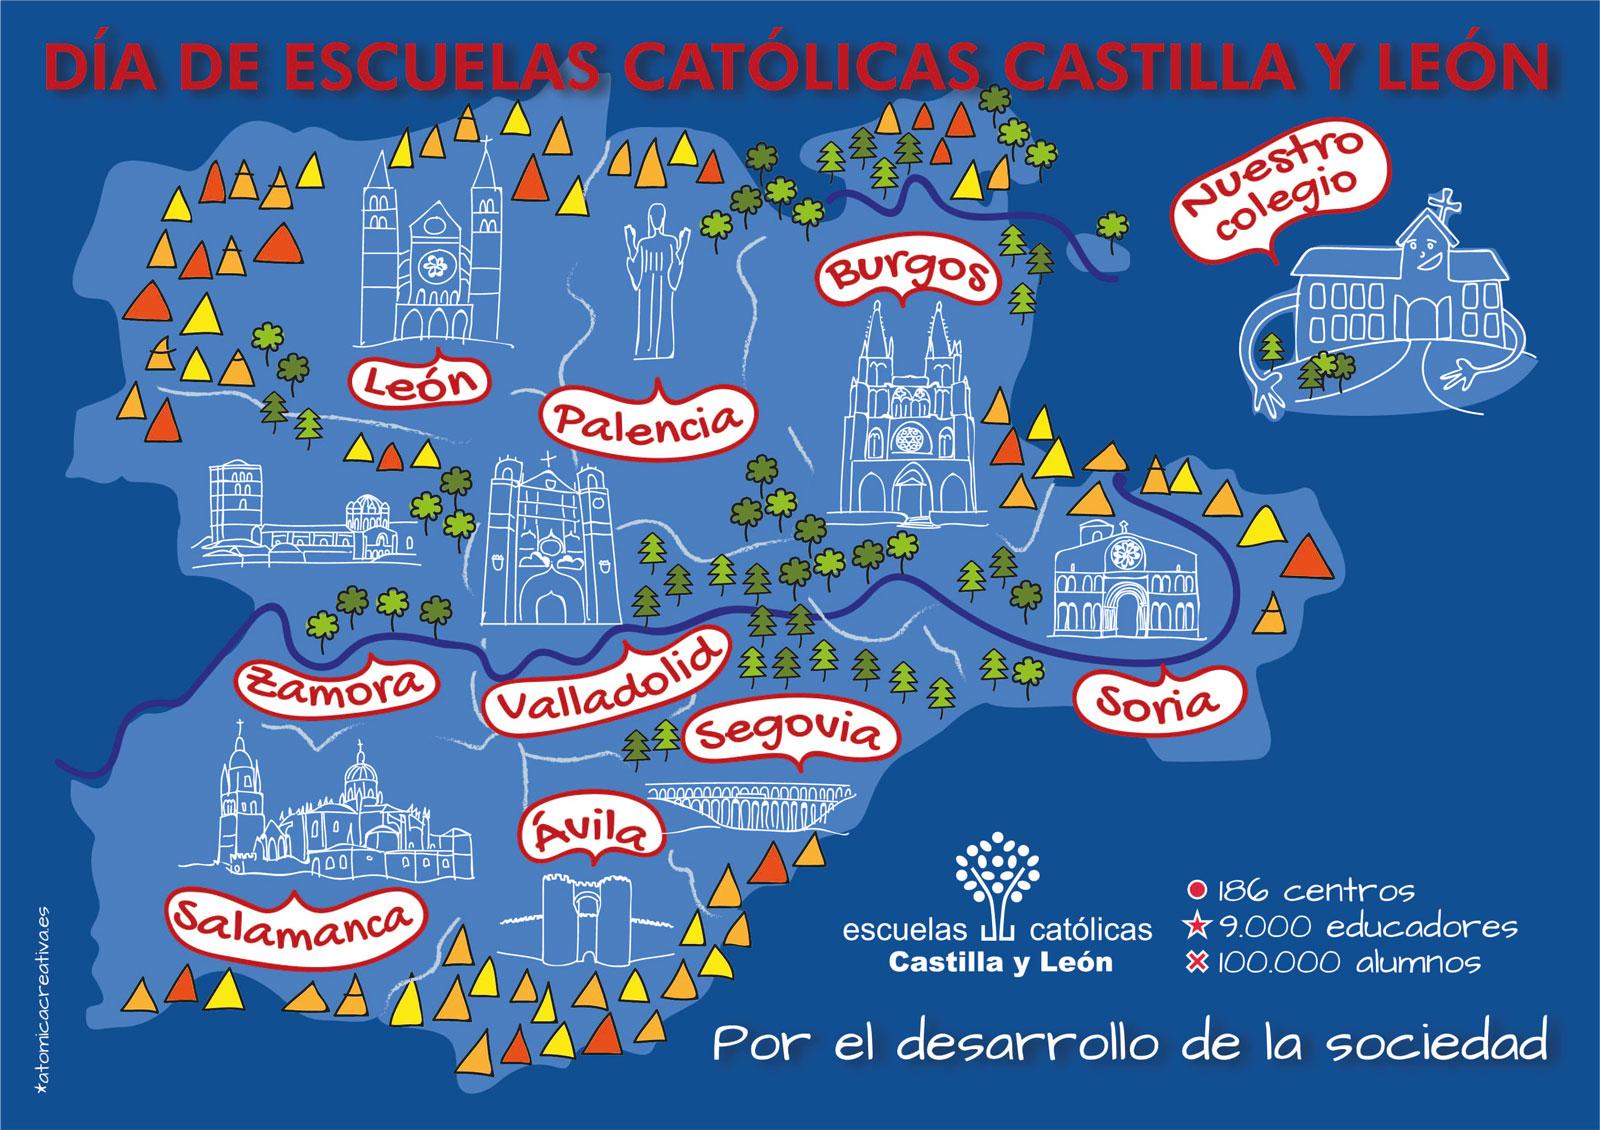 Dibujo Día de Escuelas Católicas Castilla y León 2017